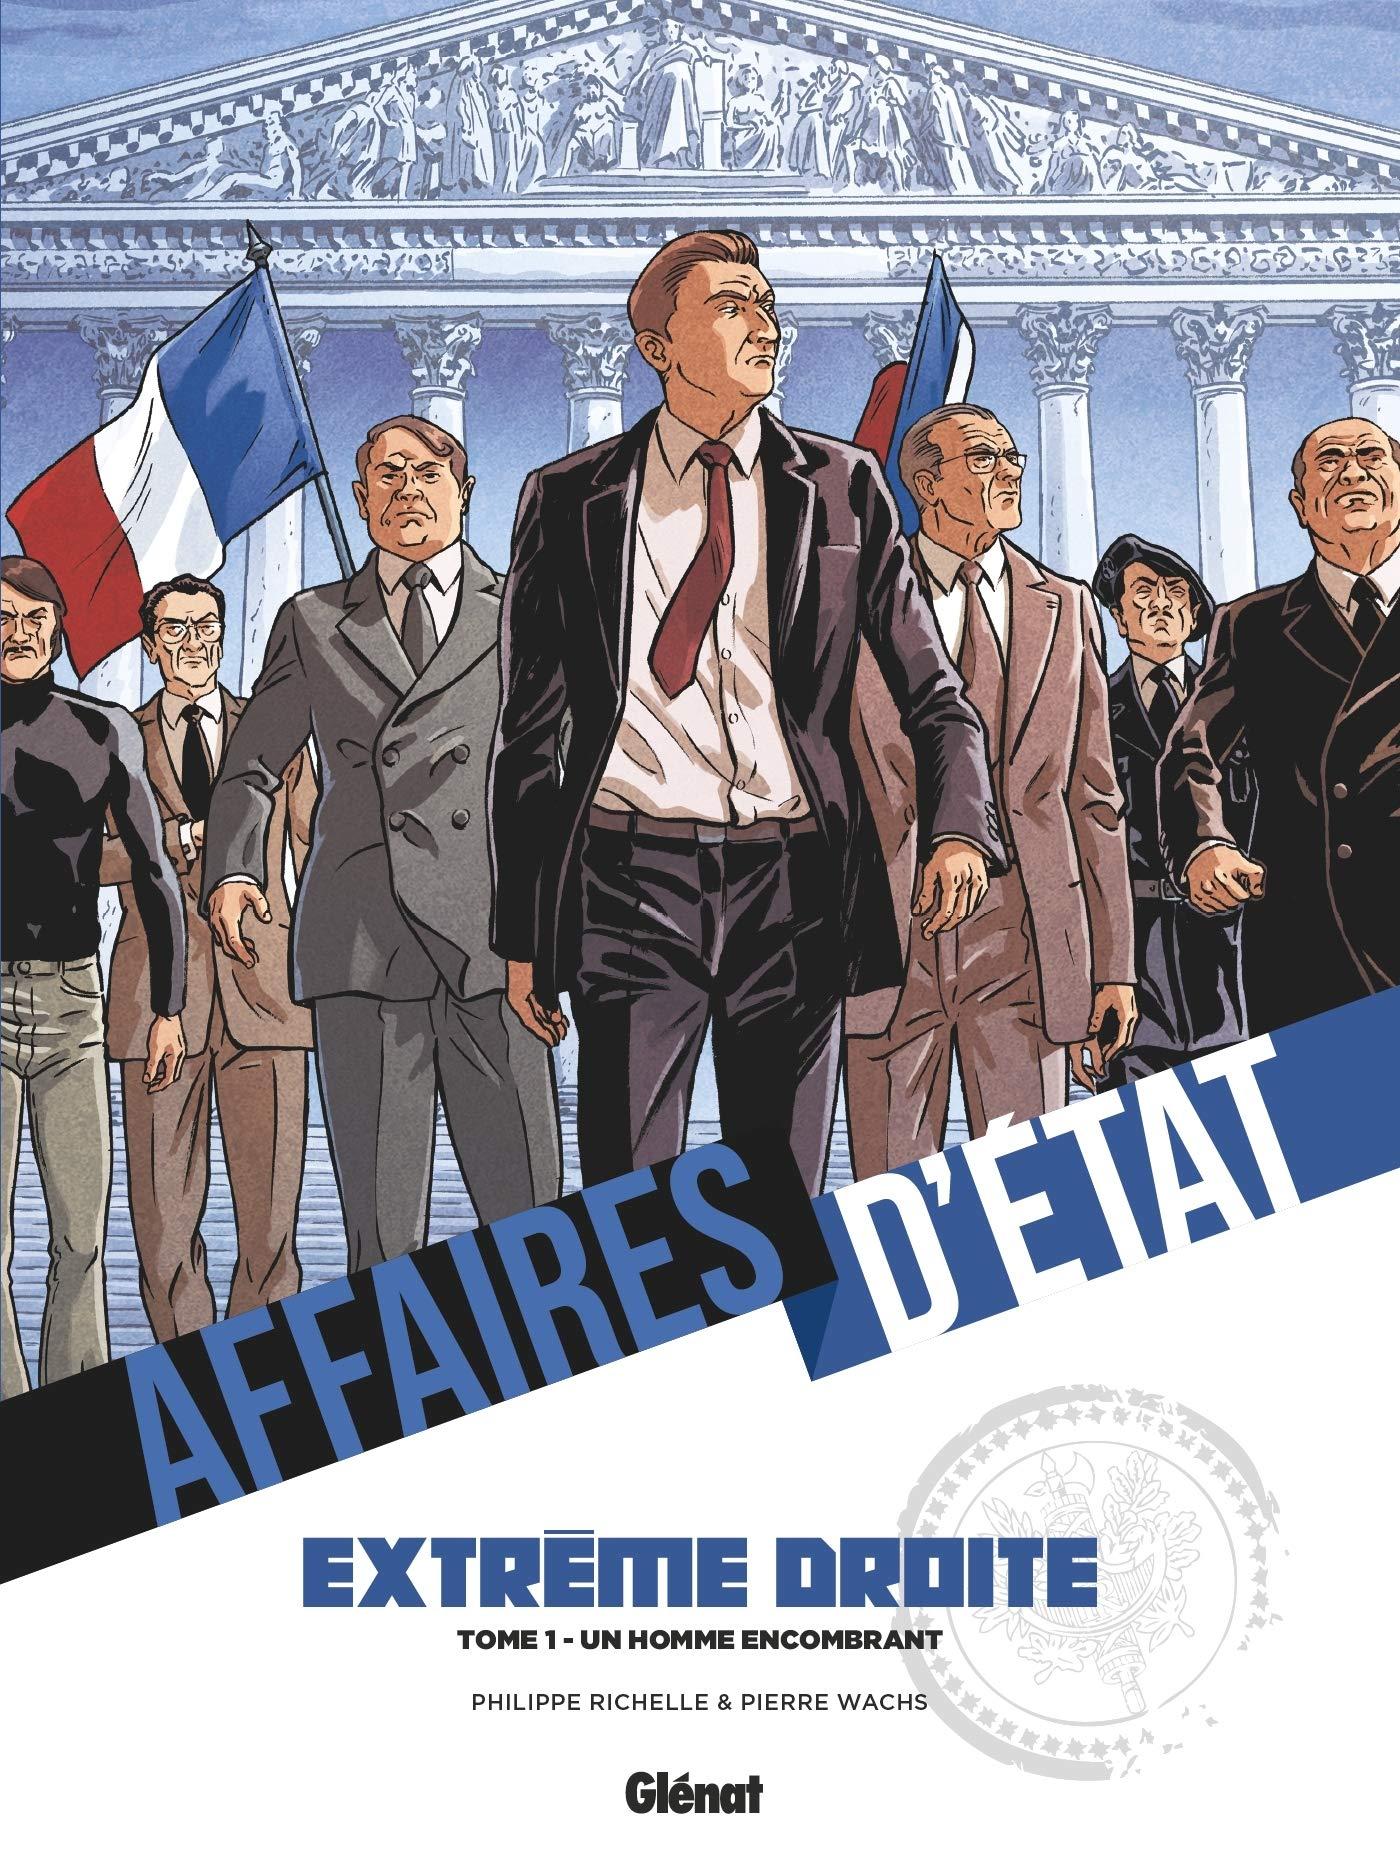 « Affaires d'État – Extrême droite T1 : Un homme encombrant » (couverture et pages 4-5 ; Glénat, 2021) : le pari (risqué) des extrêmes...